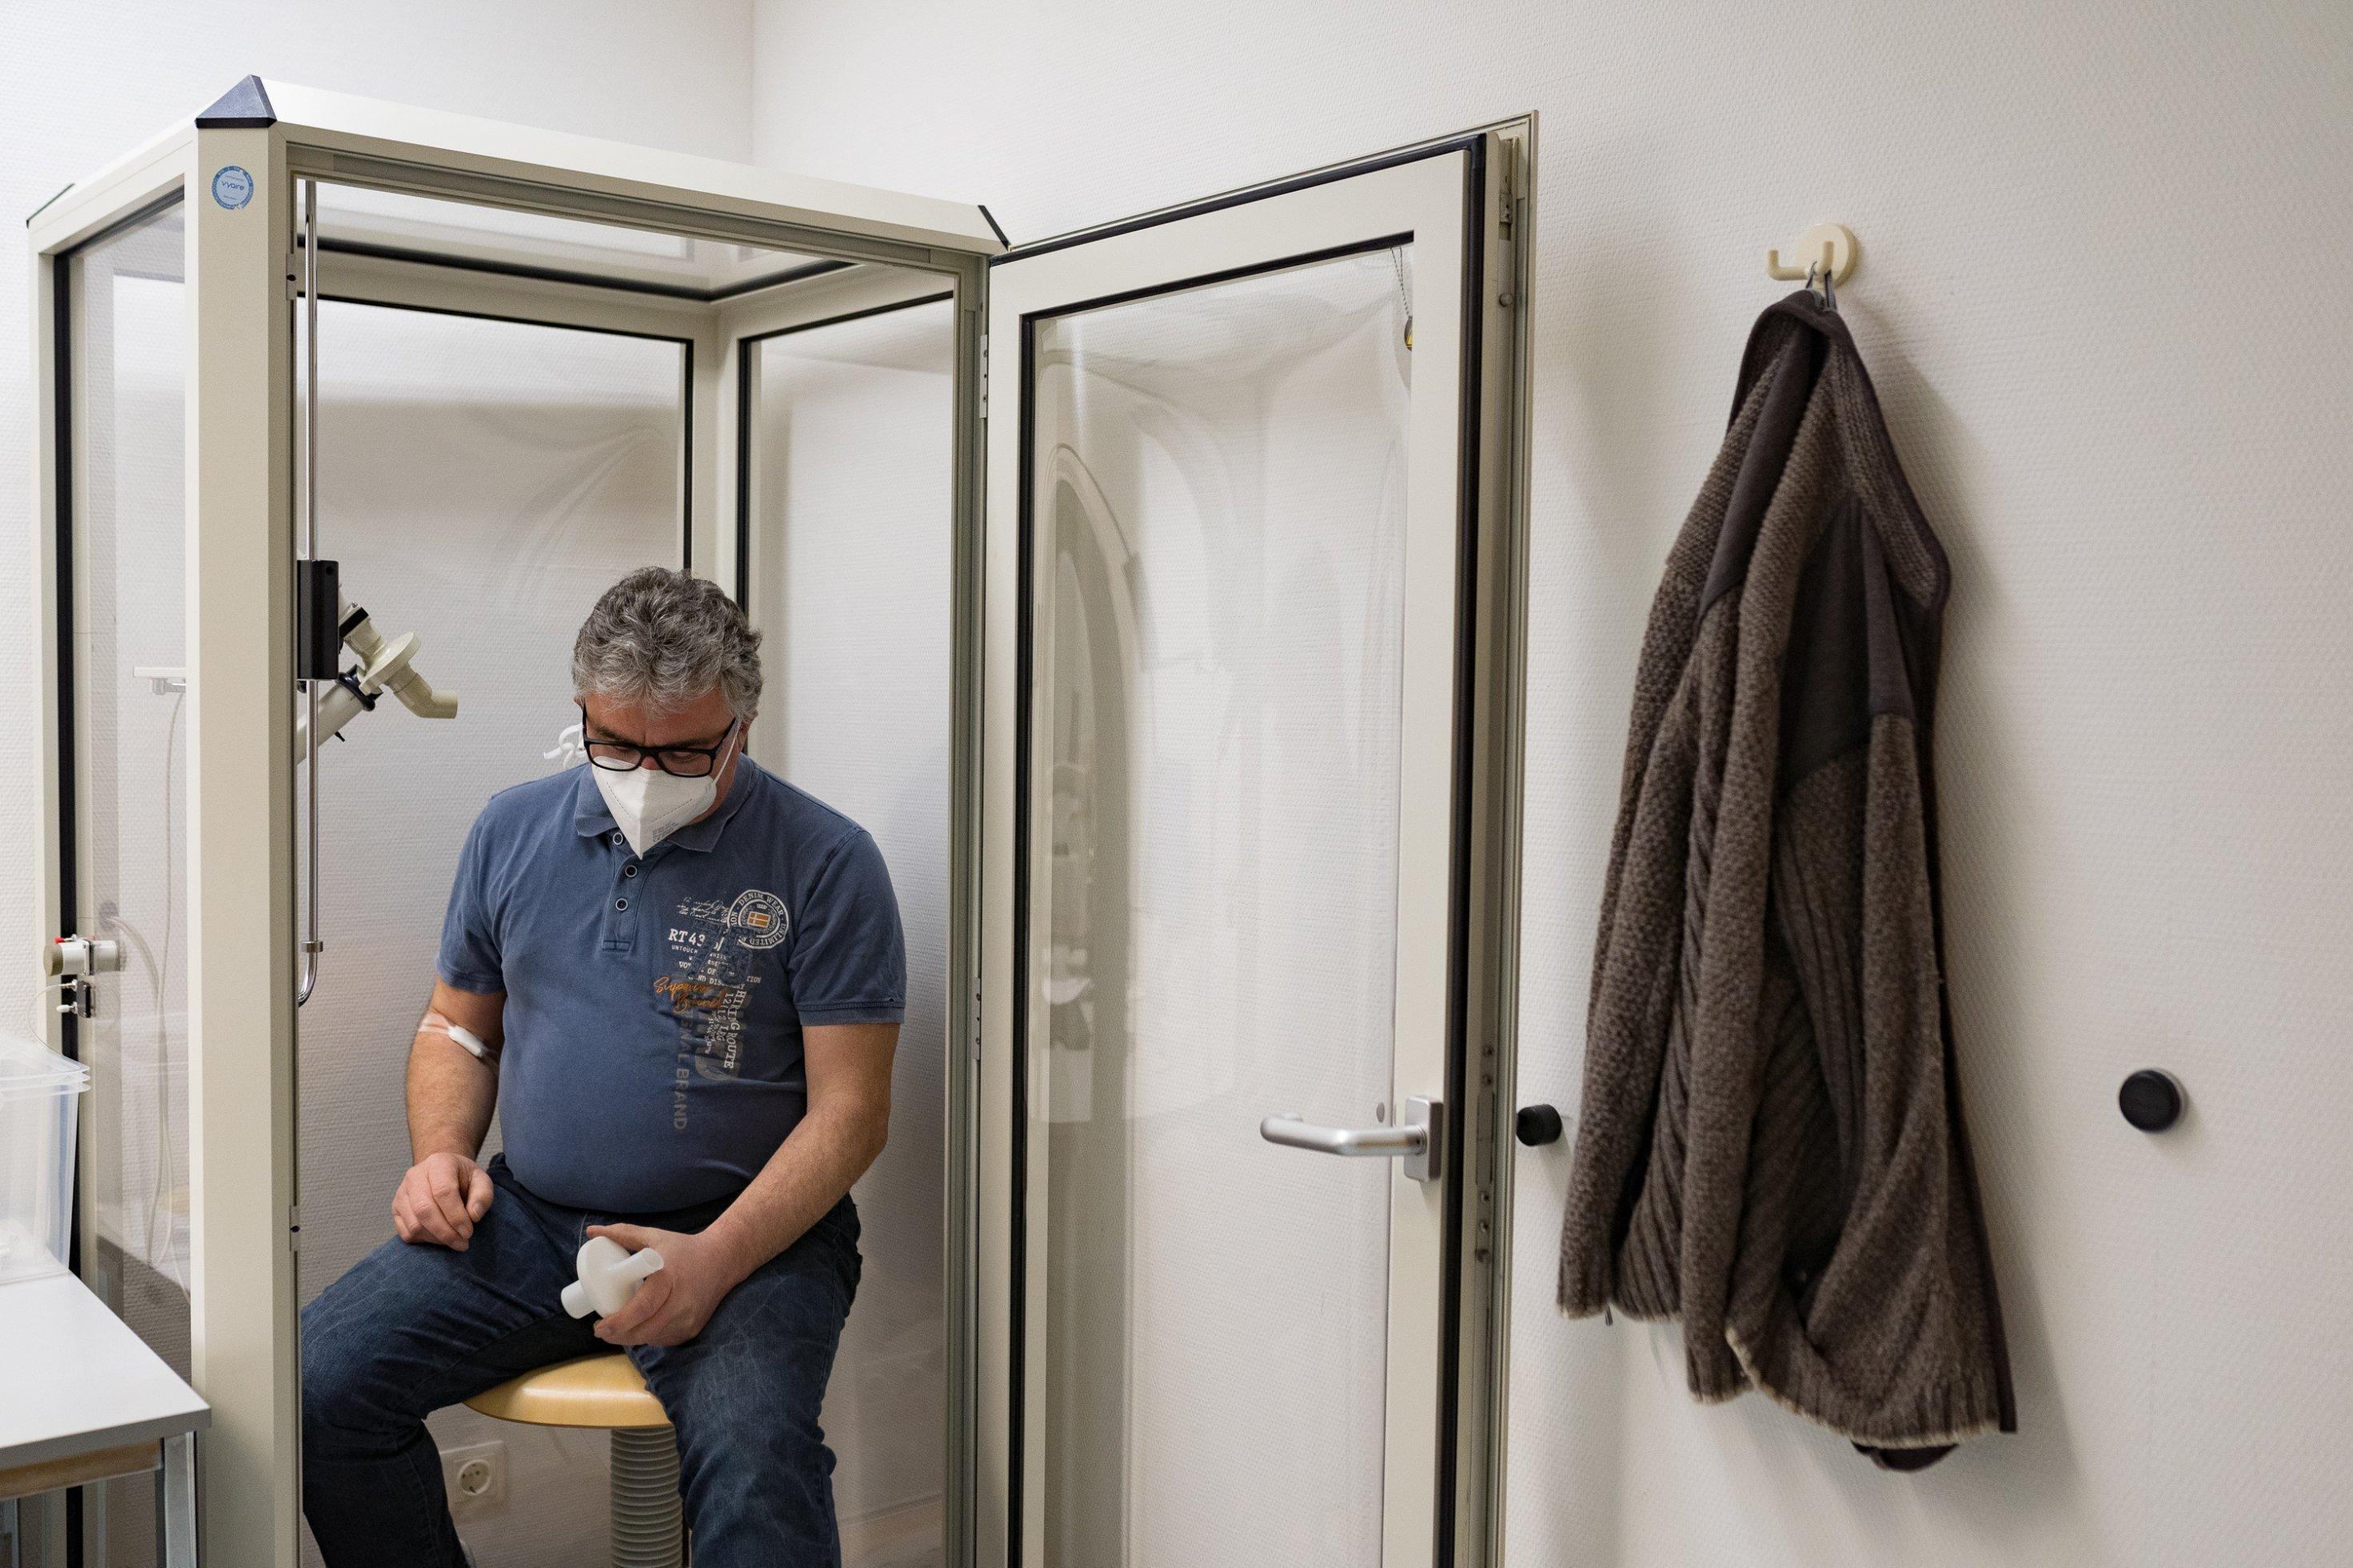 Ein älterer Mann sitzt zusammengesunken in einer Glaskabinen, in der Lungenfunktionstests gemacht werden. Er blickt auf einen Plastikaufsatz in seiner Hand, durch den er in der Kabine durchpusten muss.